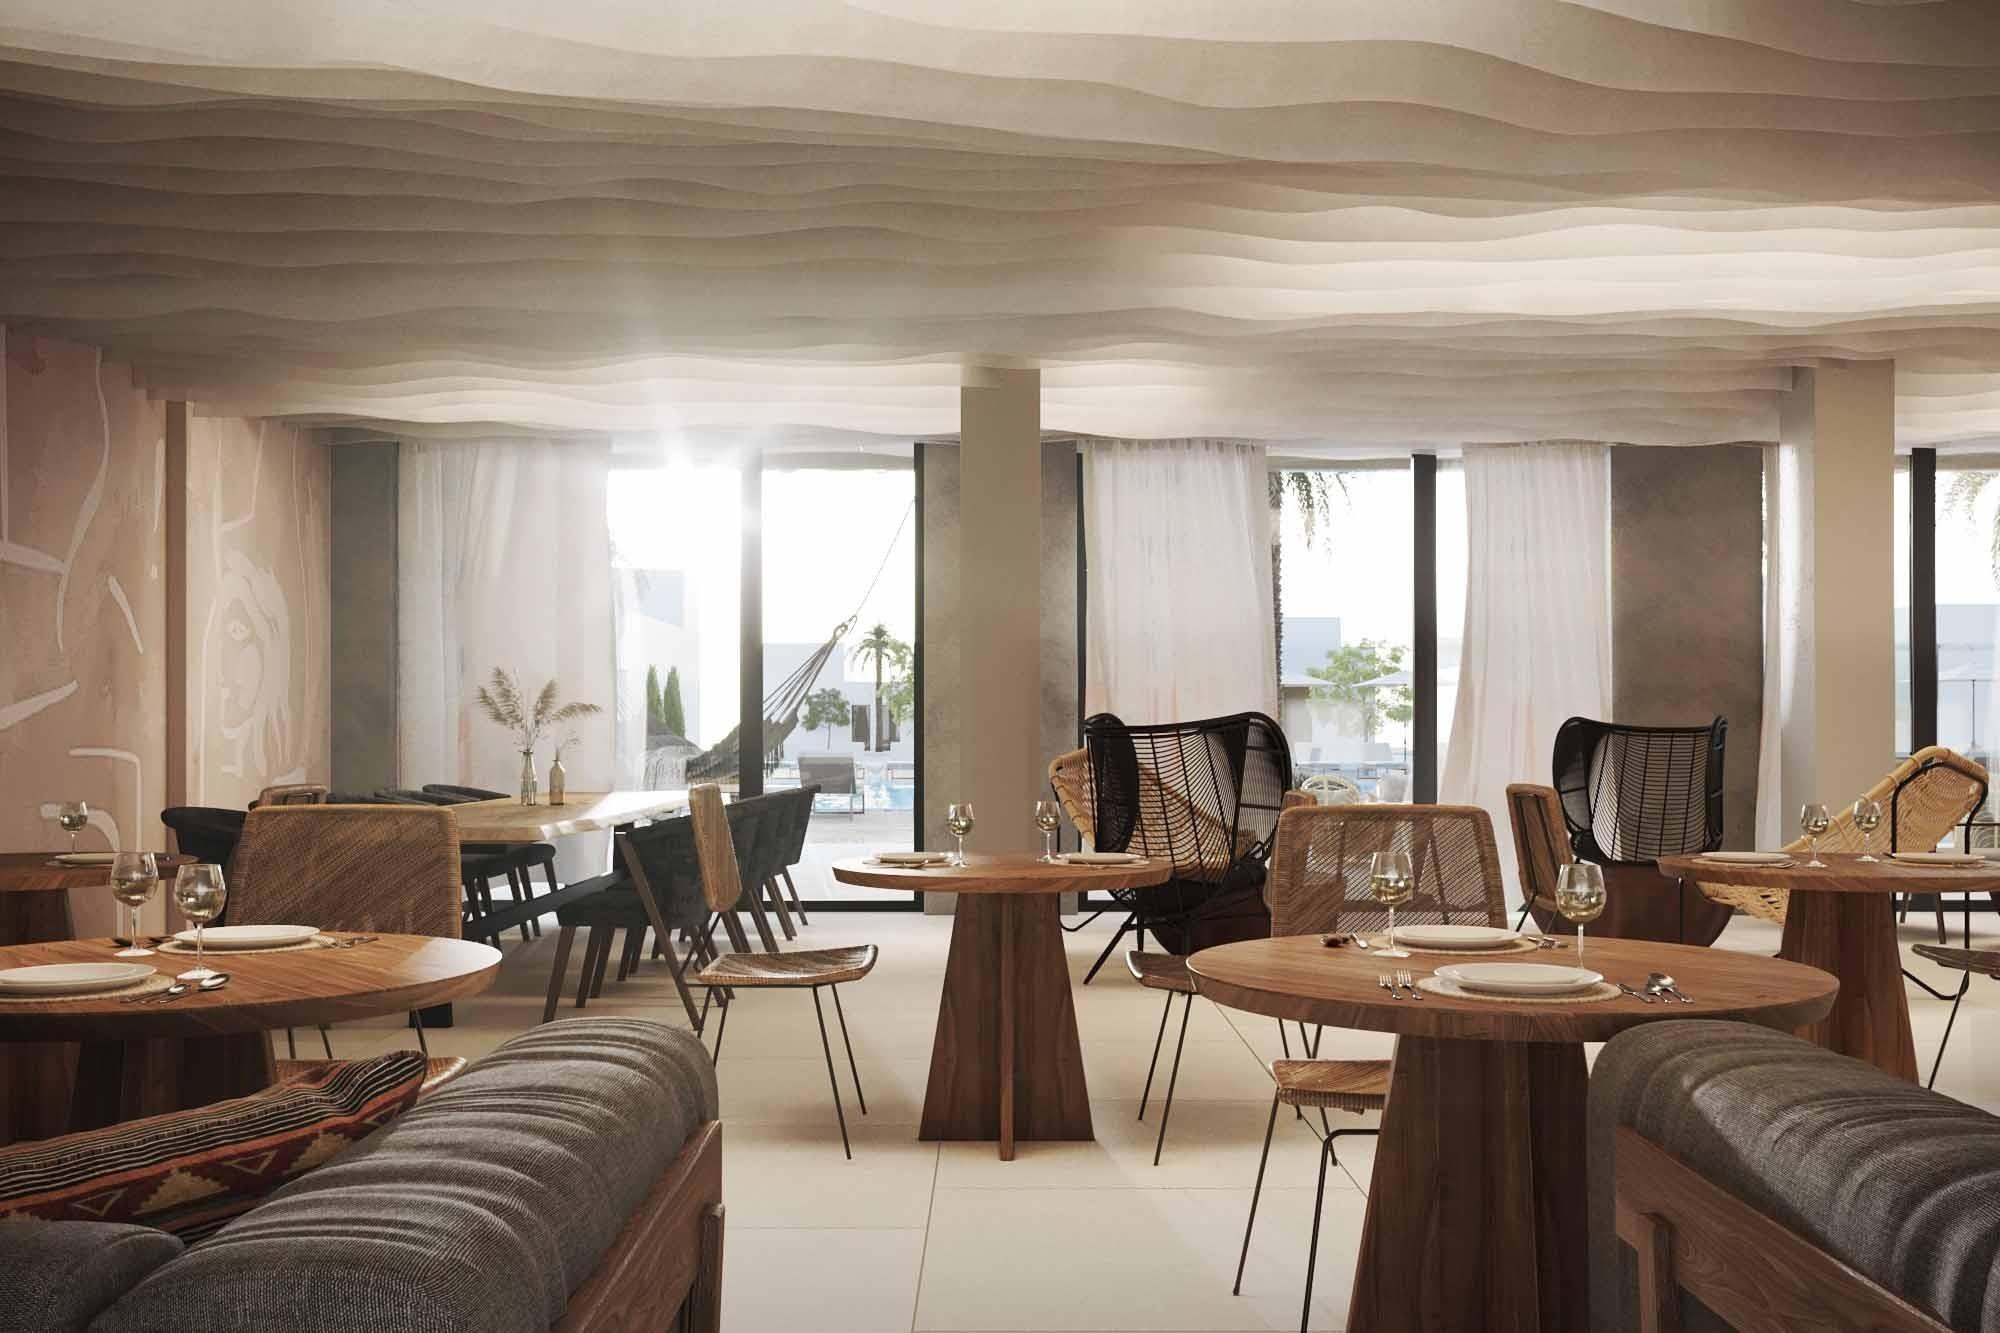 Arquitectura Poderosa: GCA un estudio que crea ambientes exclusivos y lujuosos arquitectura poderosa Arquitectura Poderosa: GCA un estudio que crea ambientes exclusivos y lujuosos 116332515 3143182152429899 9029002812465164509 o